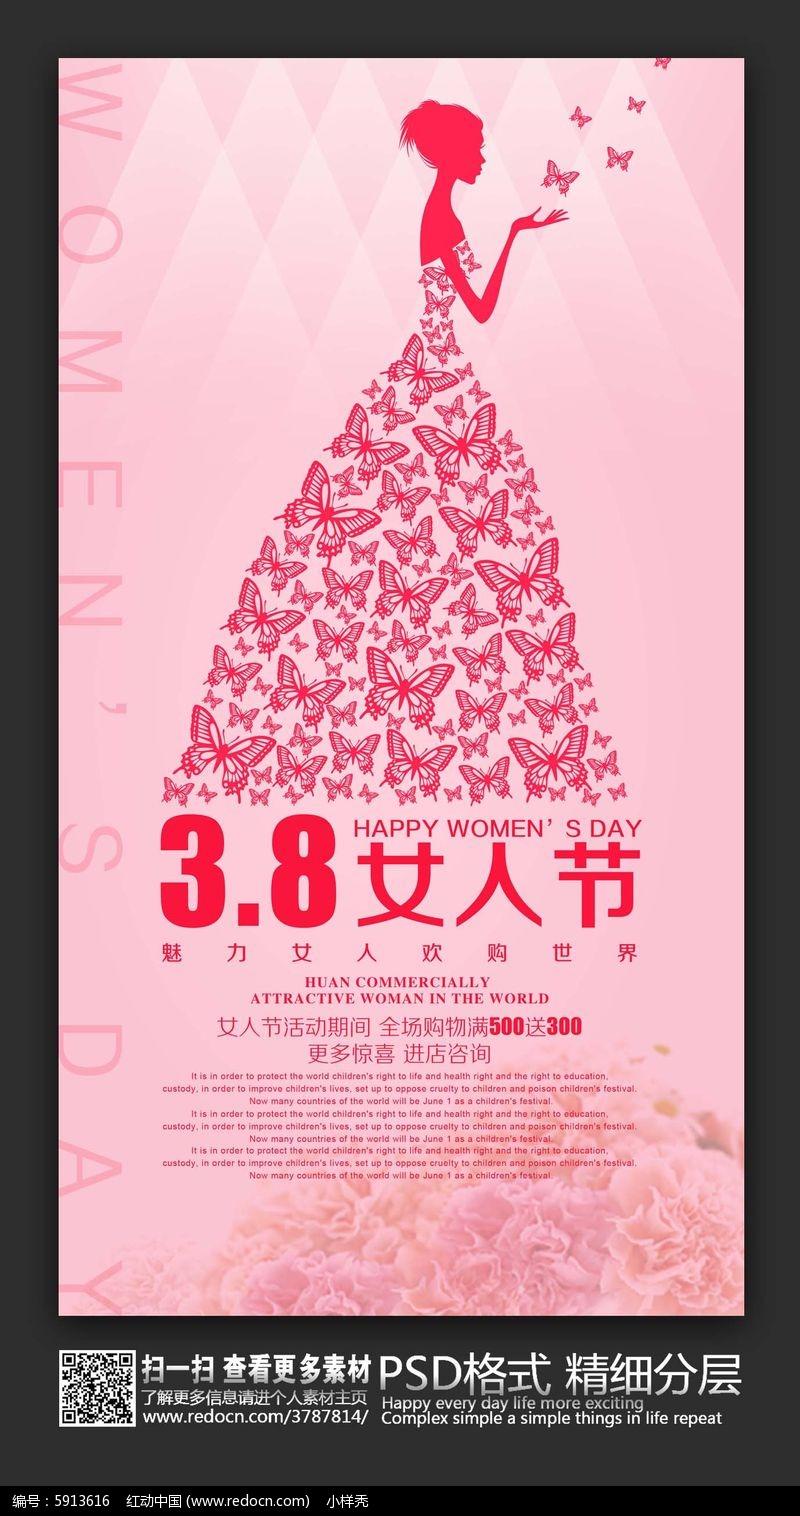 38妇女节创意节日海报素材